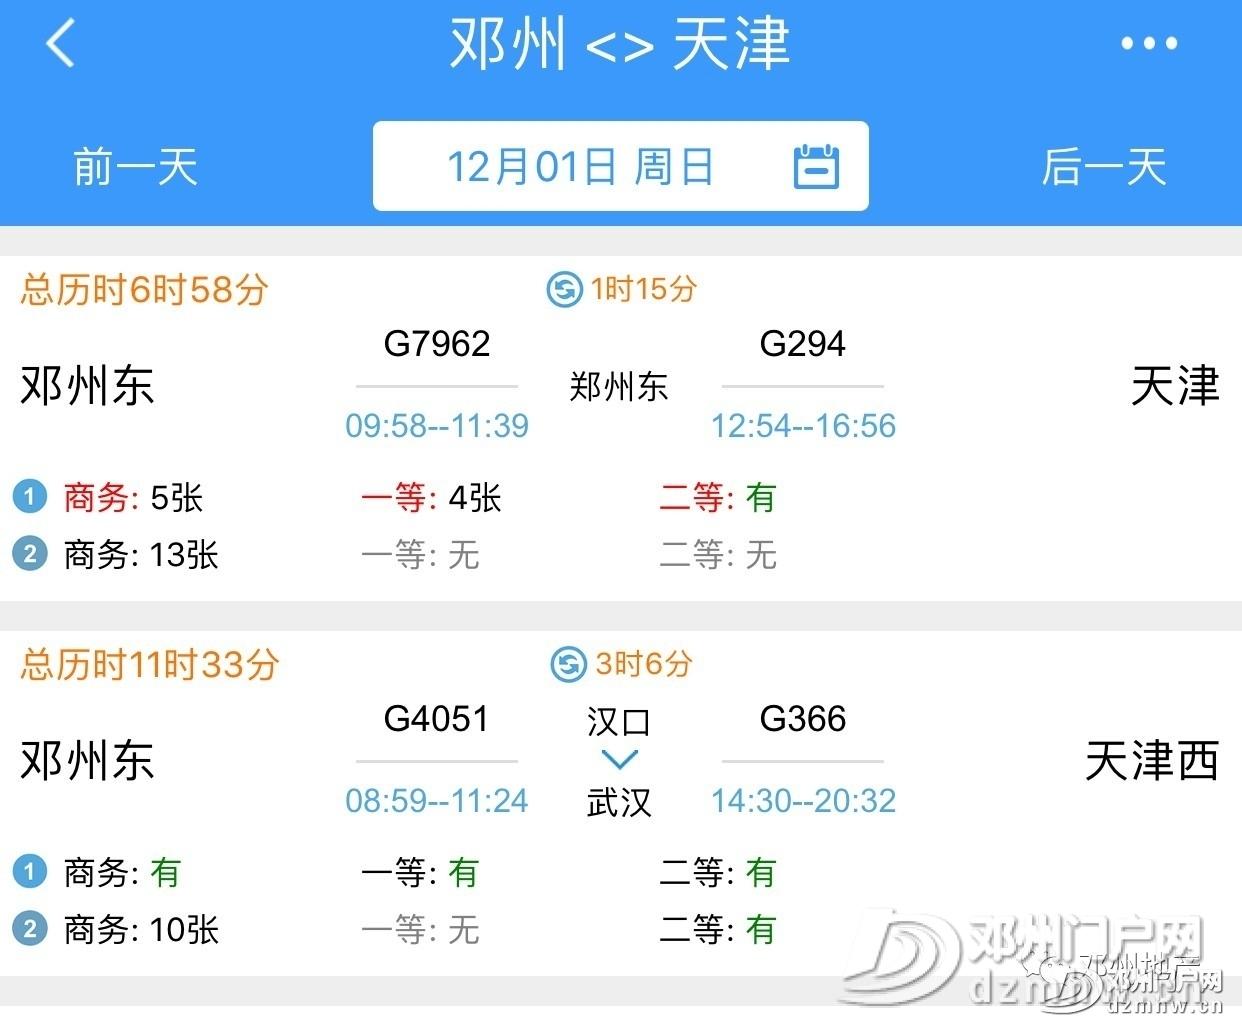 邓州高铁通往北上广深杭津成等城市票价和时刻表来了 - 邓州门户网 邓州网 - 4a133289c9729b20d62cbb223496e7c3.jpg